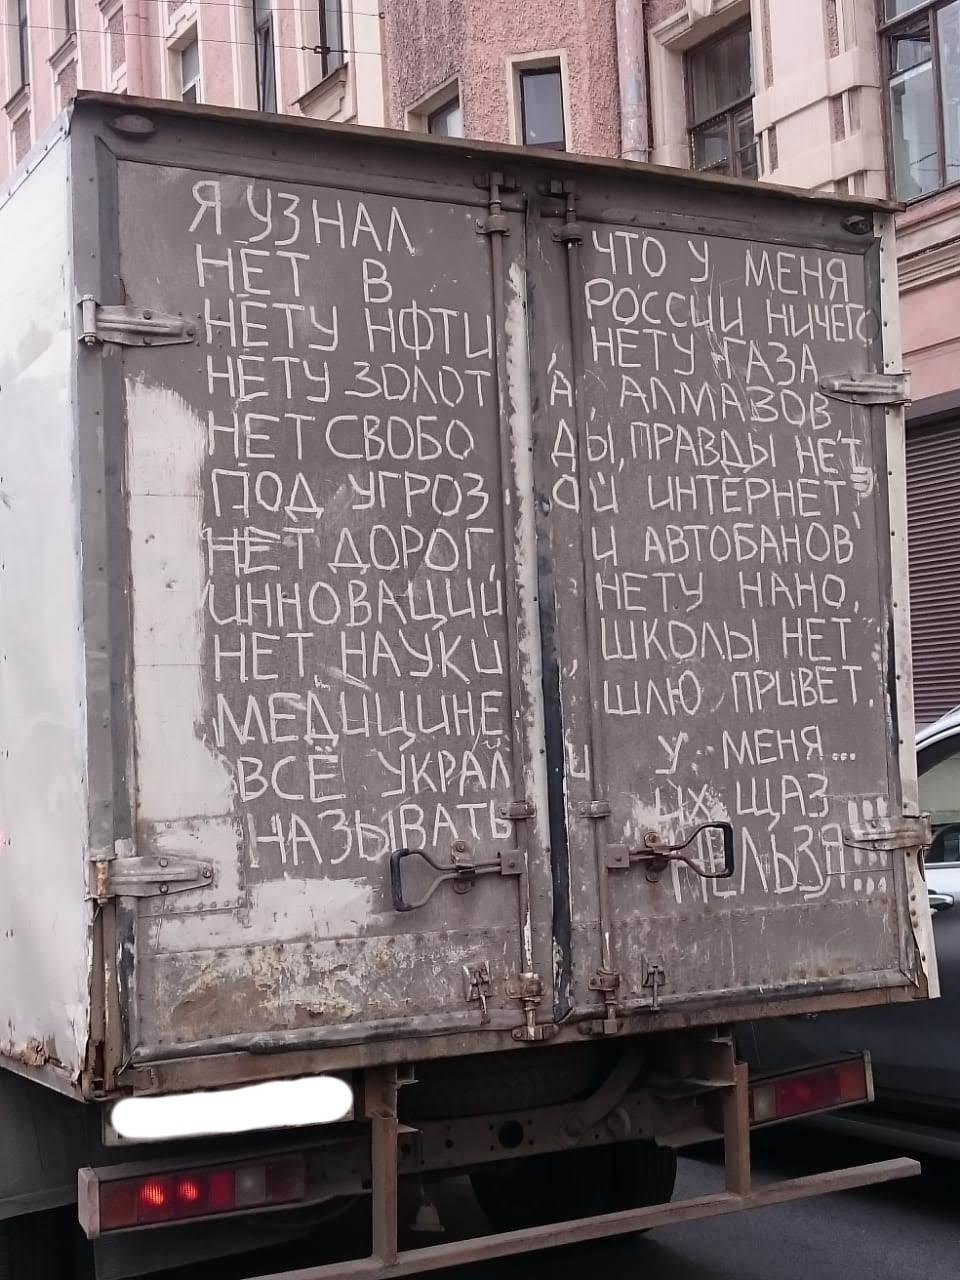 Стихи на грузовике...